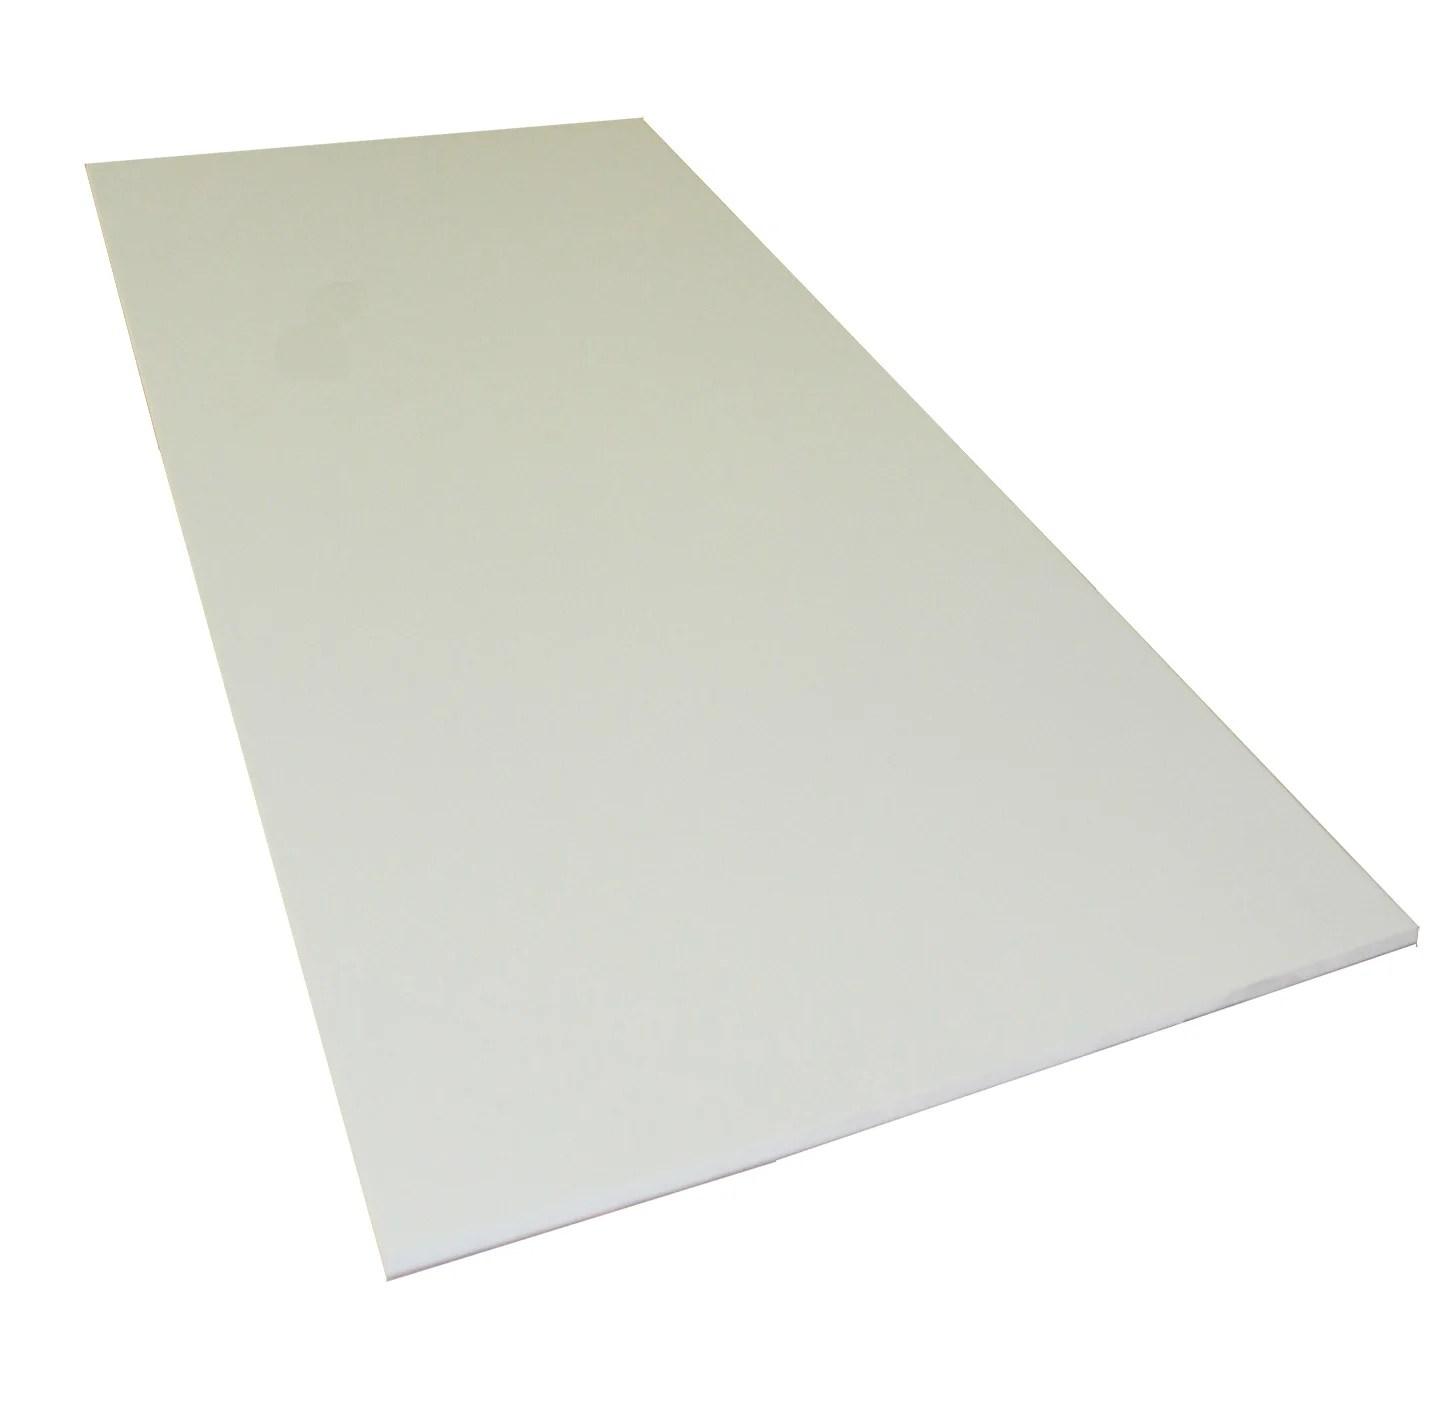 Plaque Pvc Expanse 3 Mm Blanc Lisse L 200 X 100 Cm Leroy Merlin